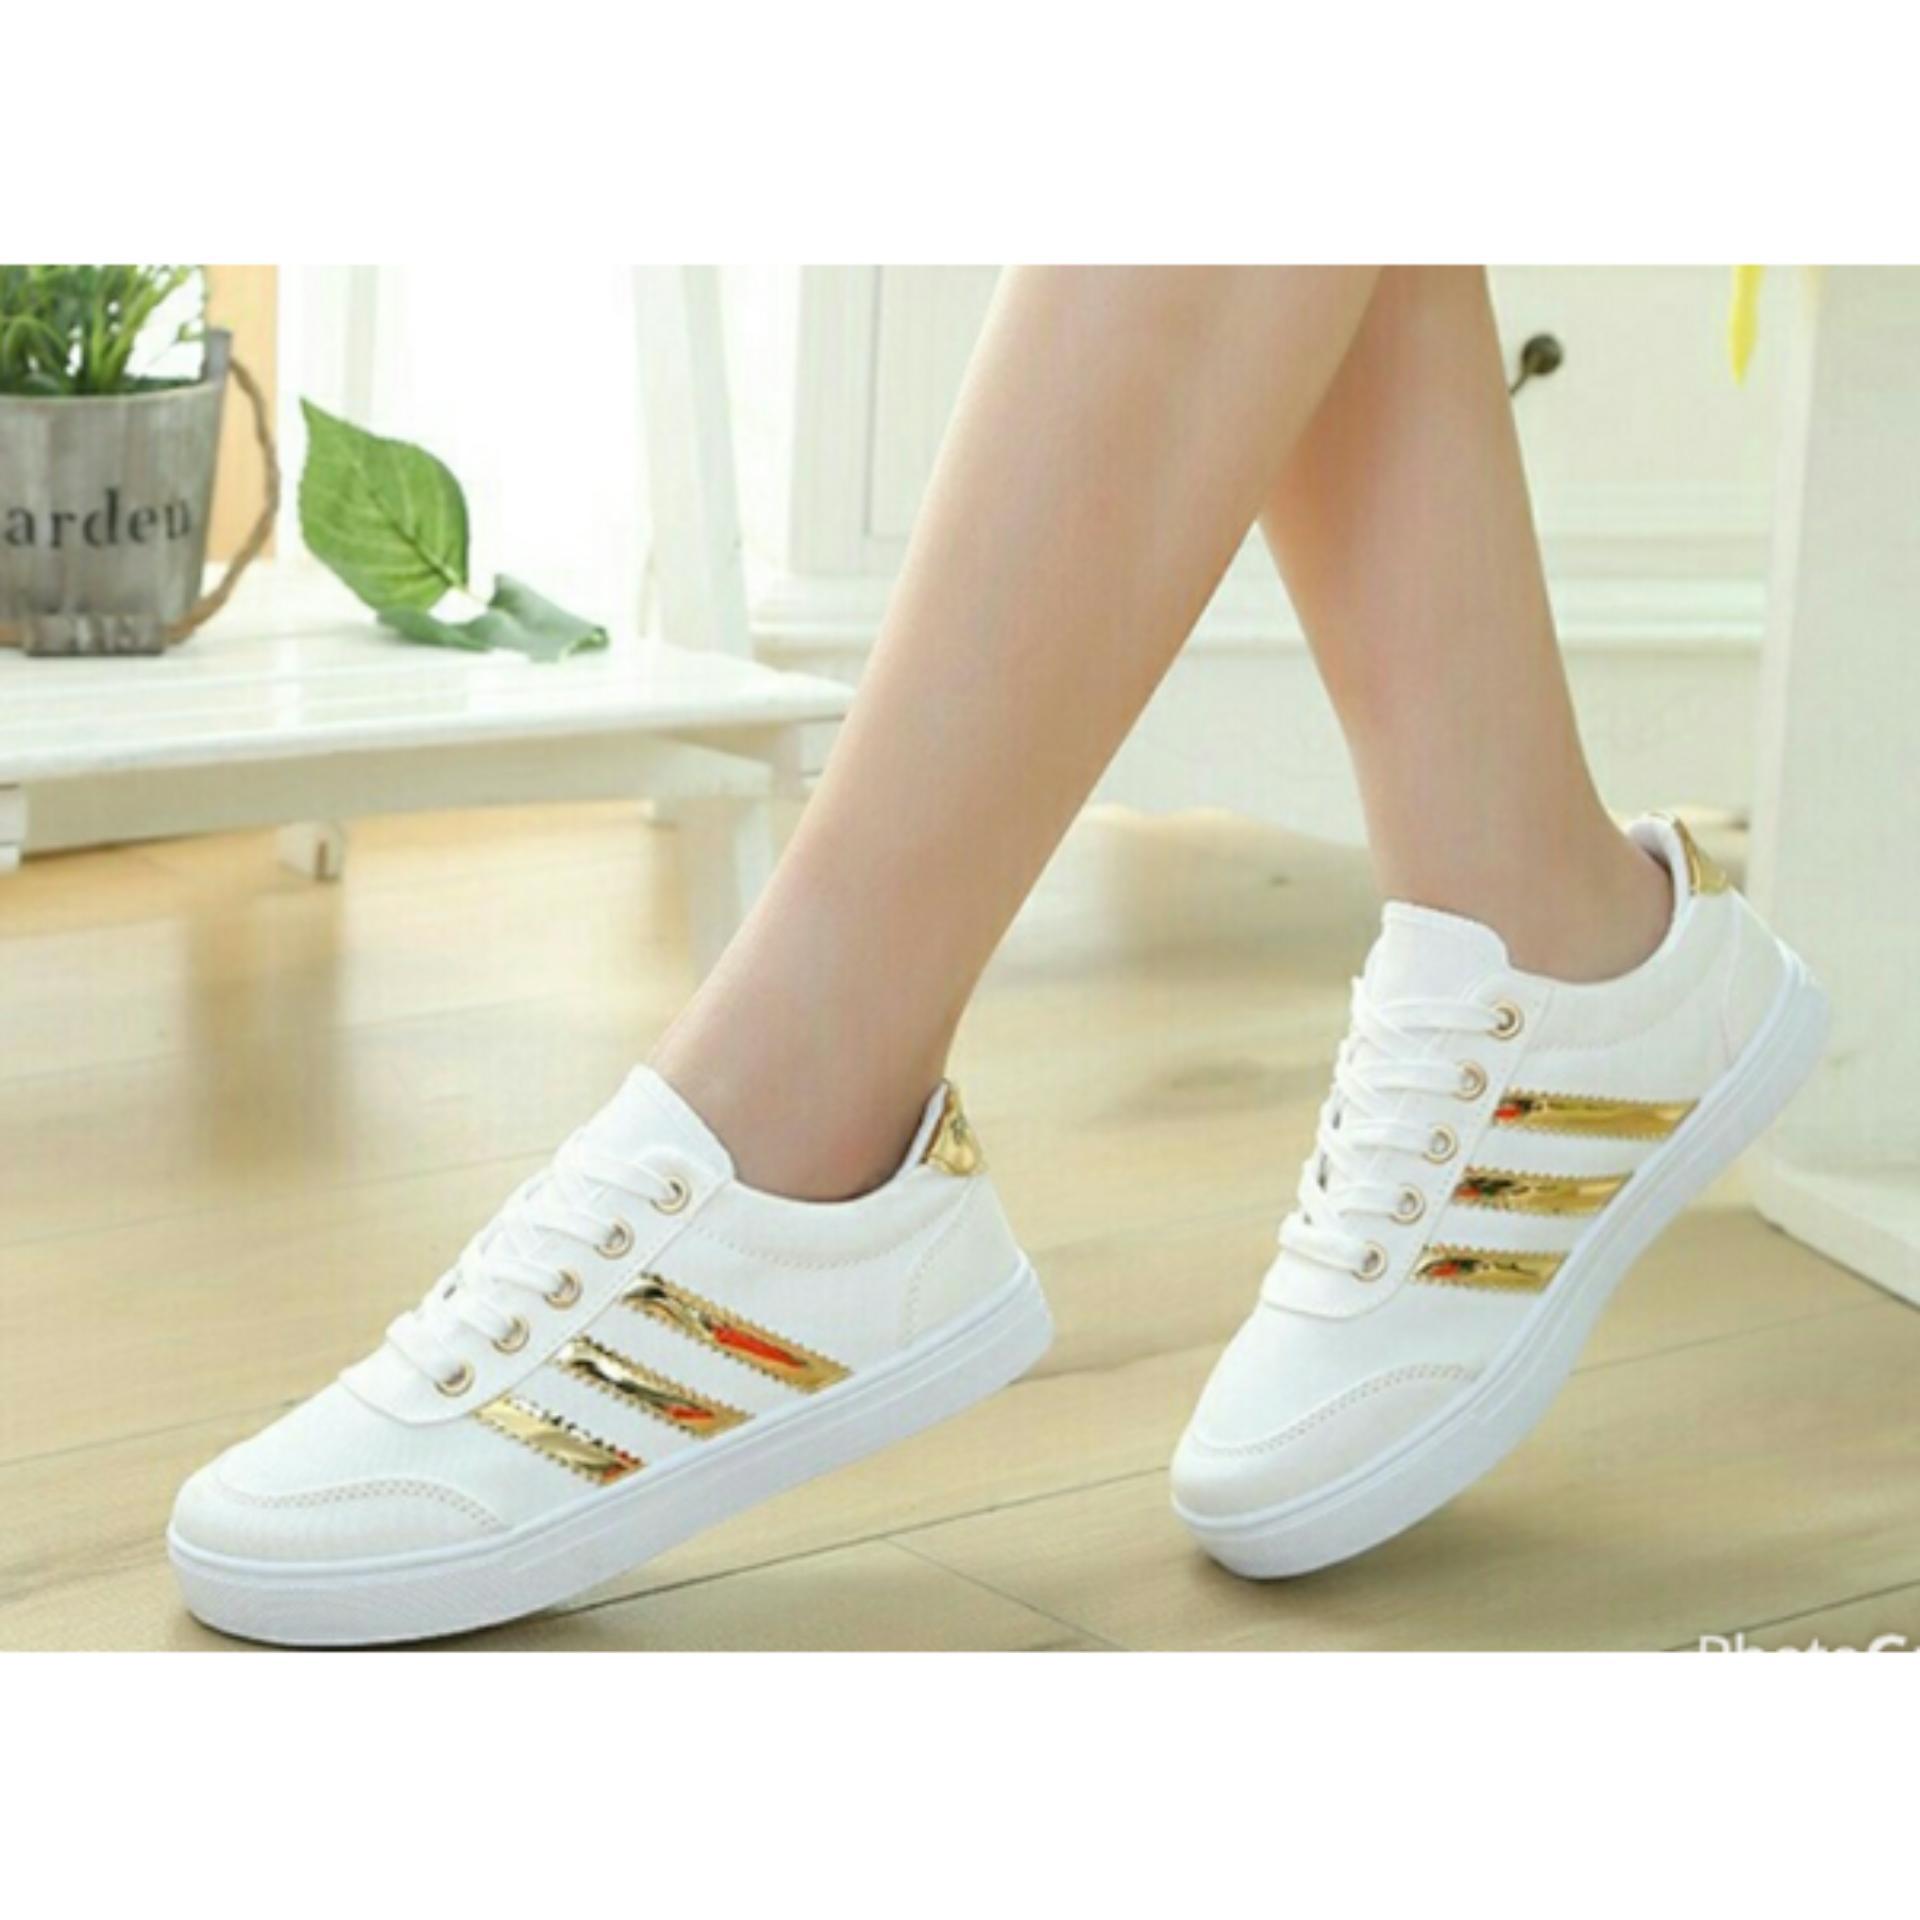 Beli Sepatu Casual Juni Sneakers Wanita Kets Putih Online Terpercaya